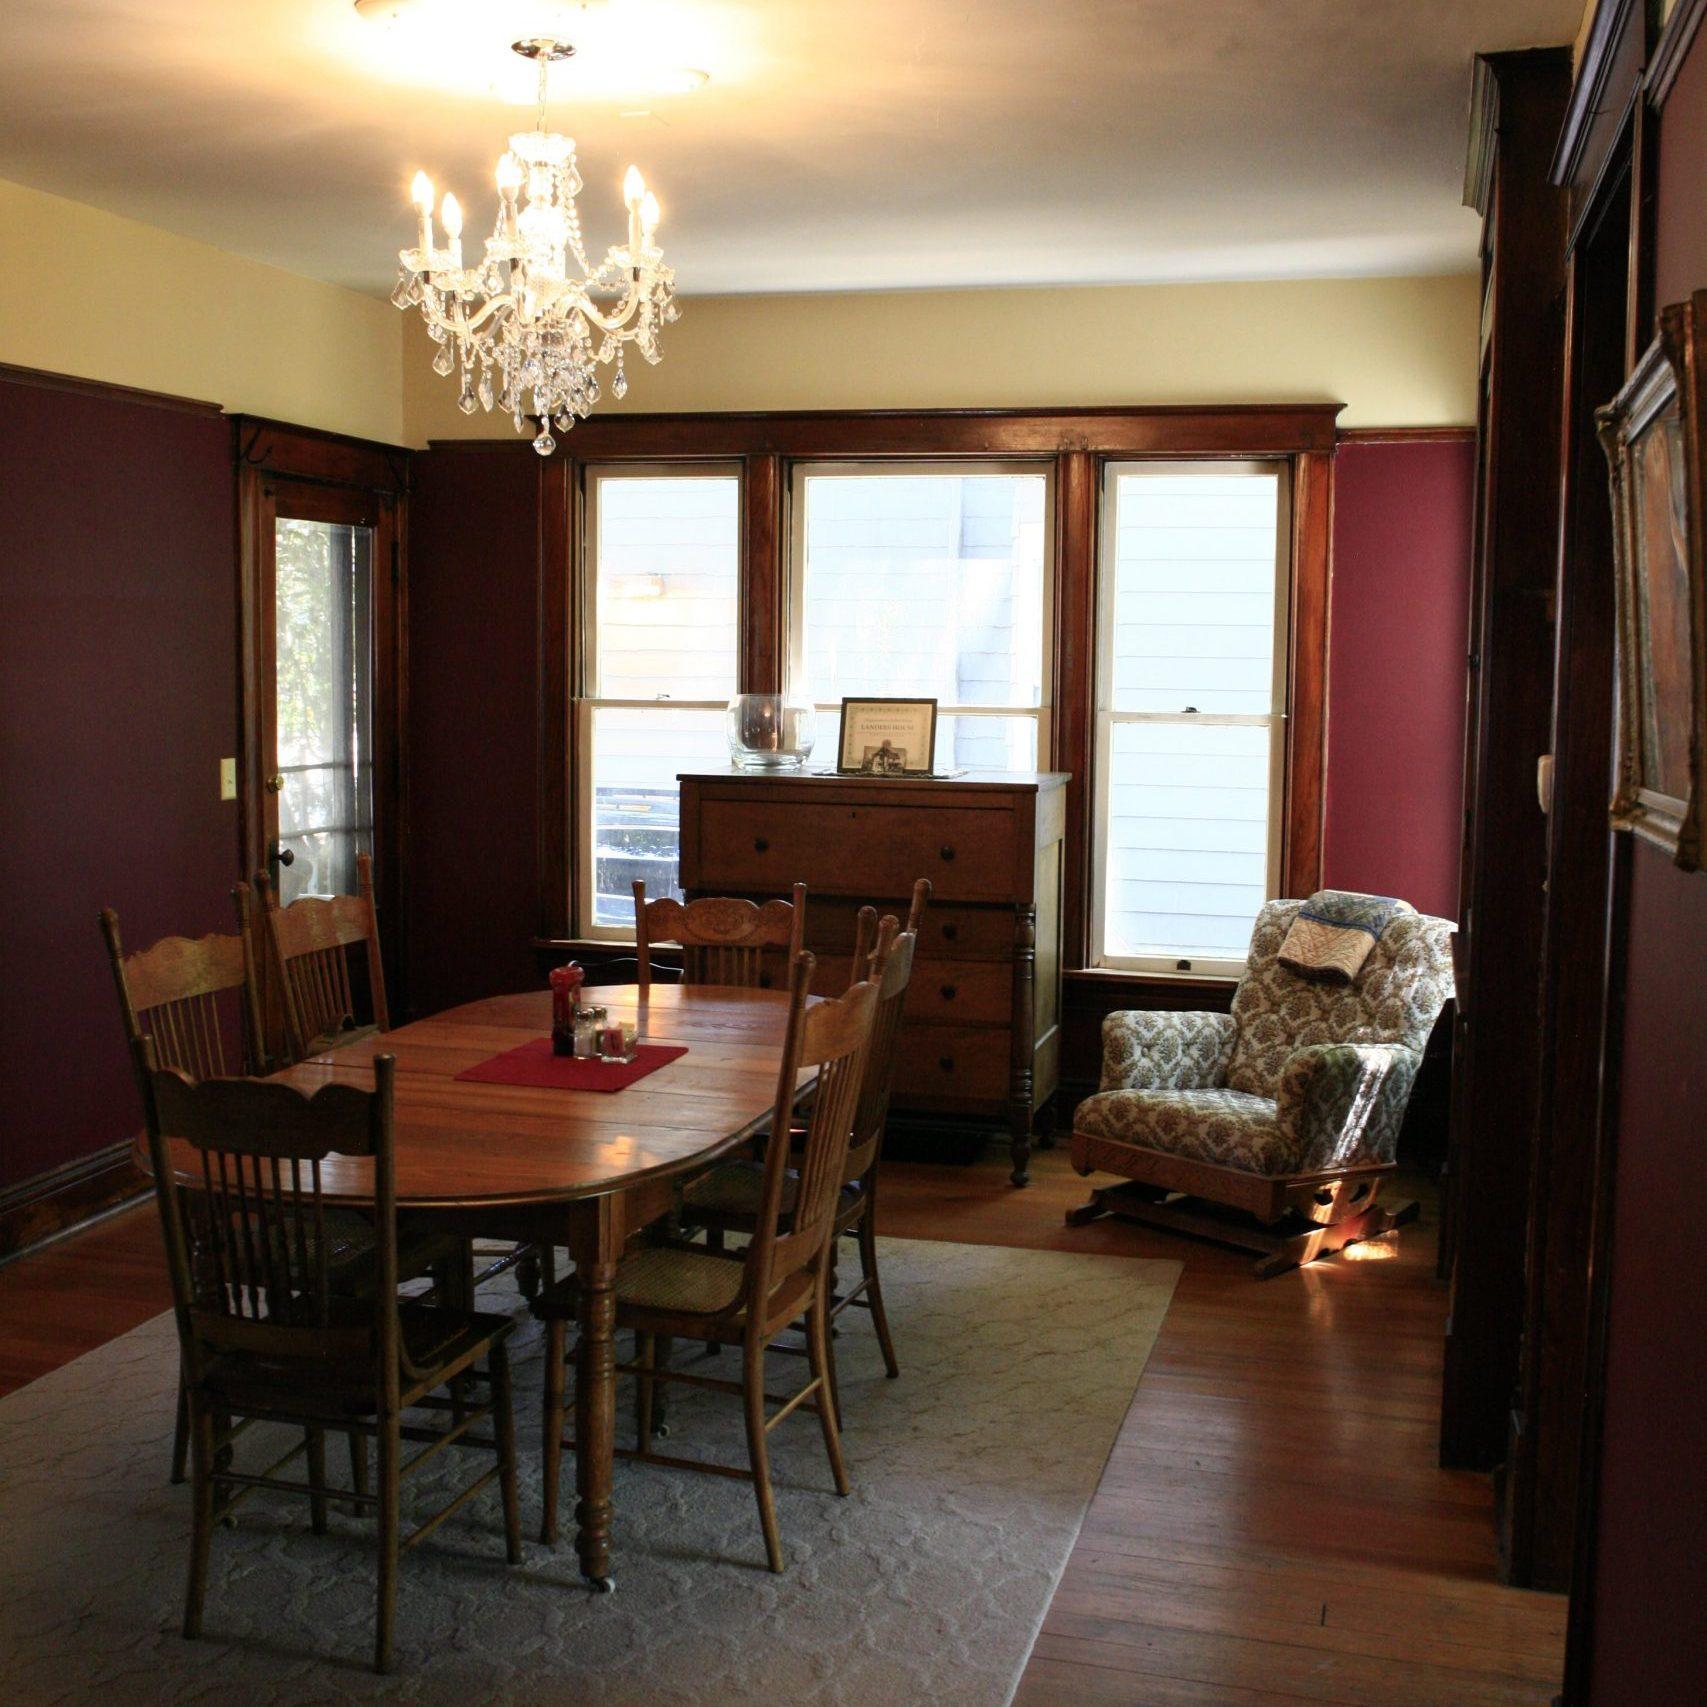 landers-house-dining-room